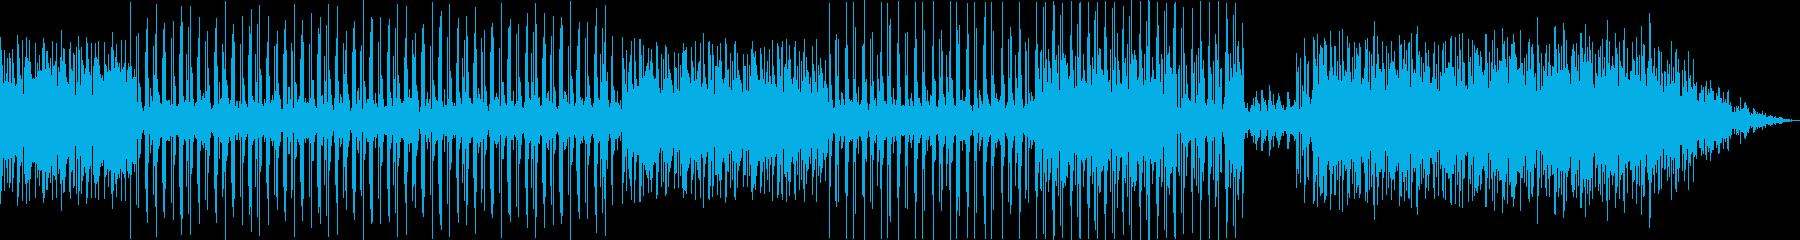 2ステップ。ポップ。最後にサックスソロ。の再生済みの波形